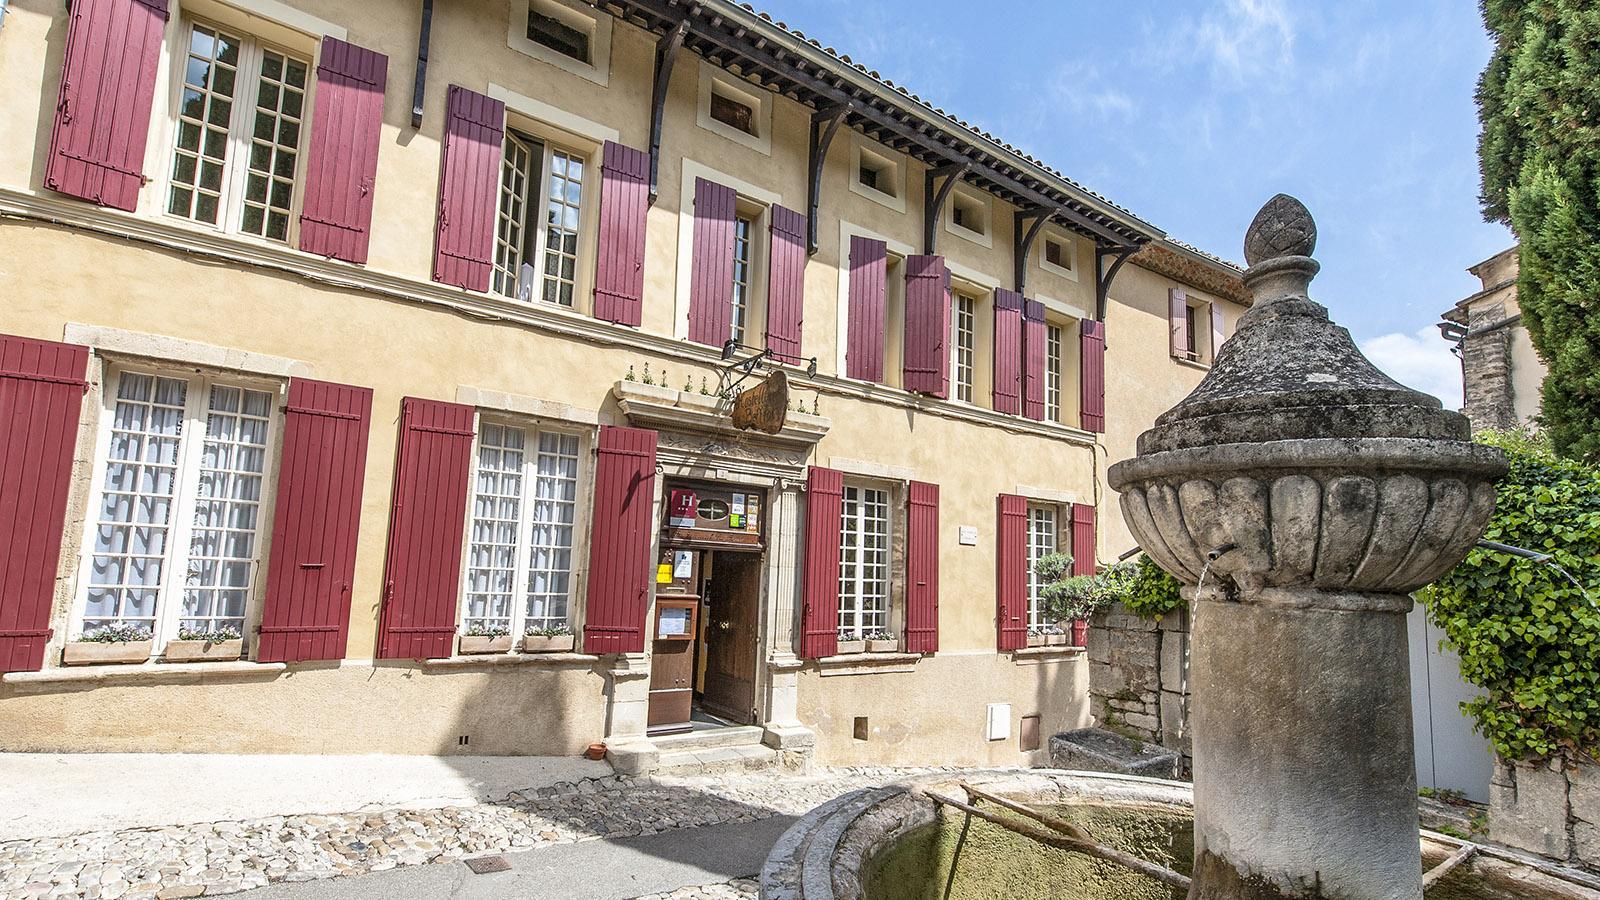 Am Brunnenplatz der alten Bourg von Vaison-la-Romaine findet ihr ein charmantes Hotel. Foto: Hilke Maunder